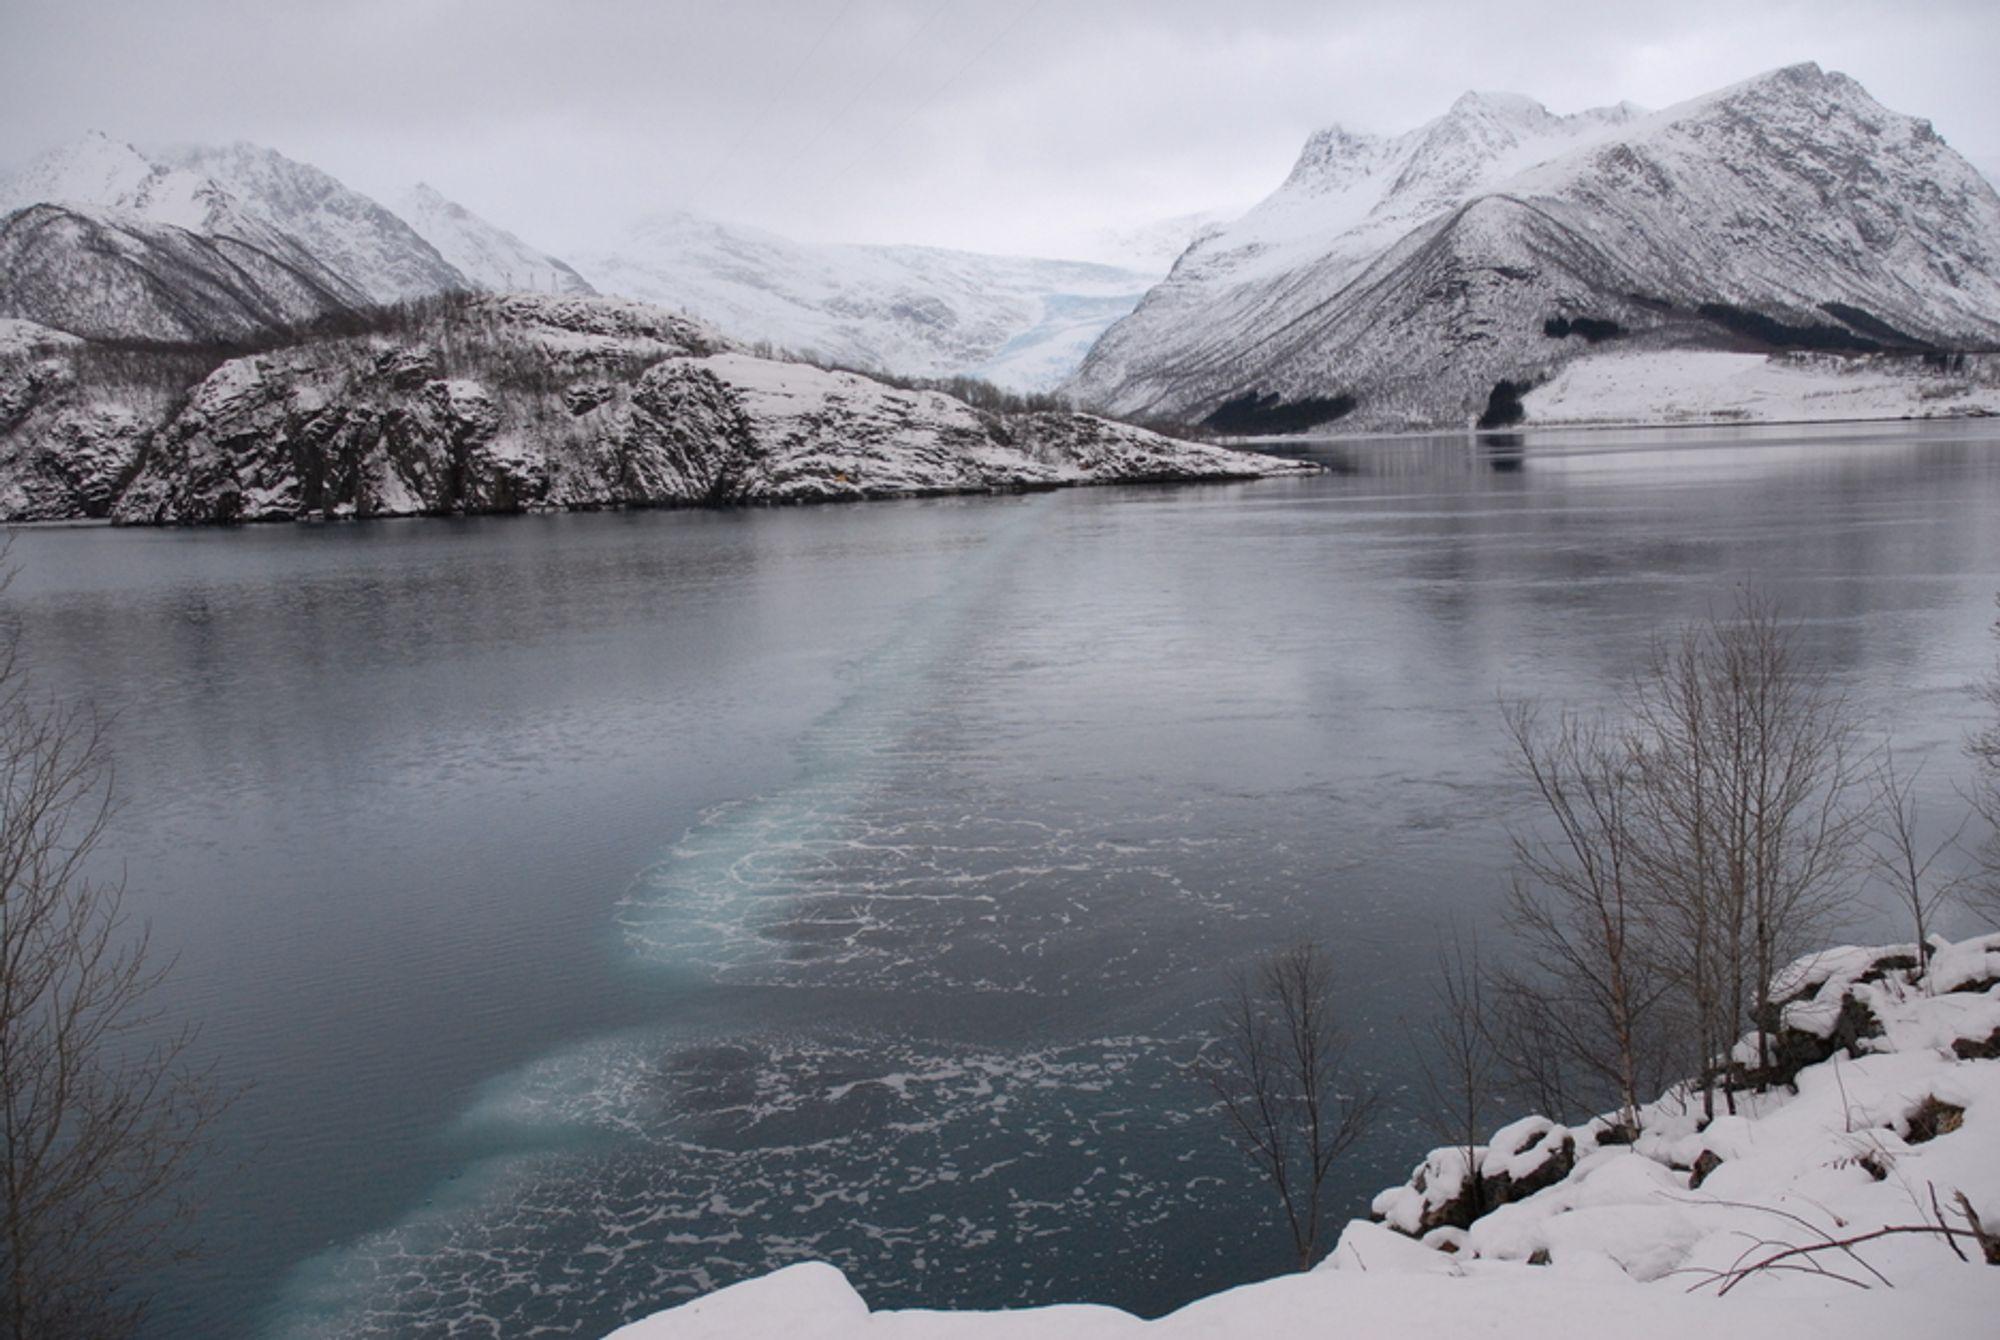 BOBLEBAD: Fjorden ved Svartisen kraftverk holdes isfri ved hjelp av et nytt bobleanlegg.